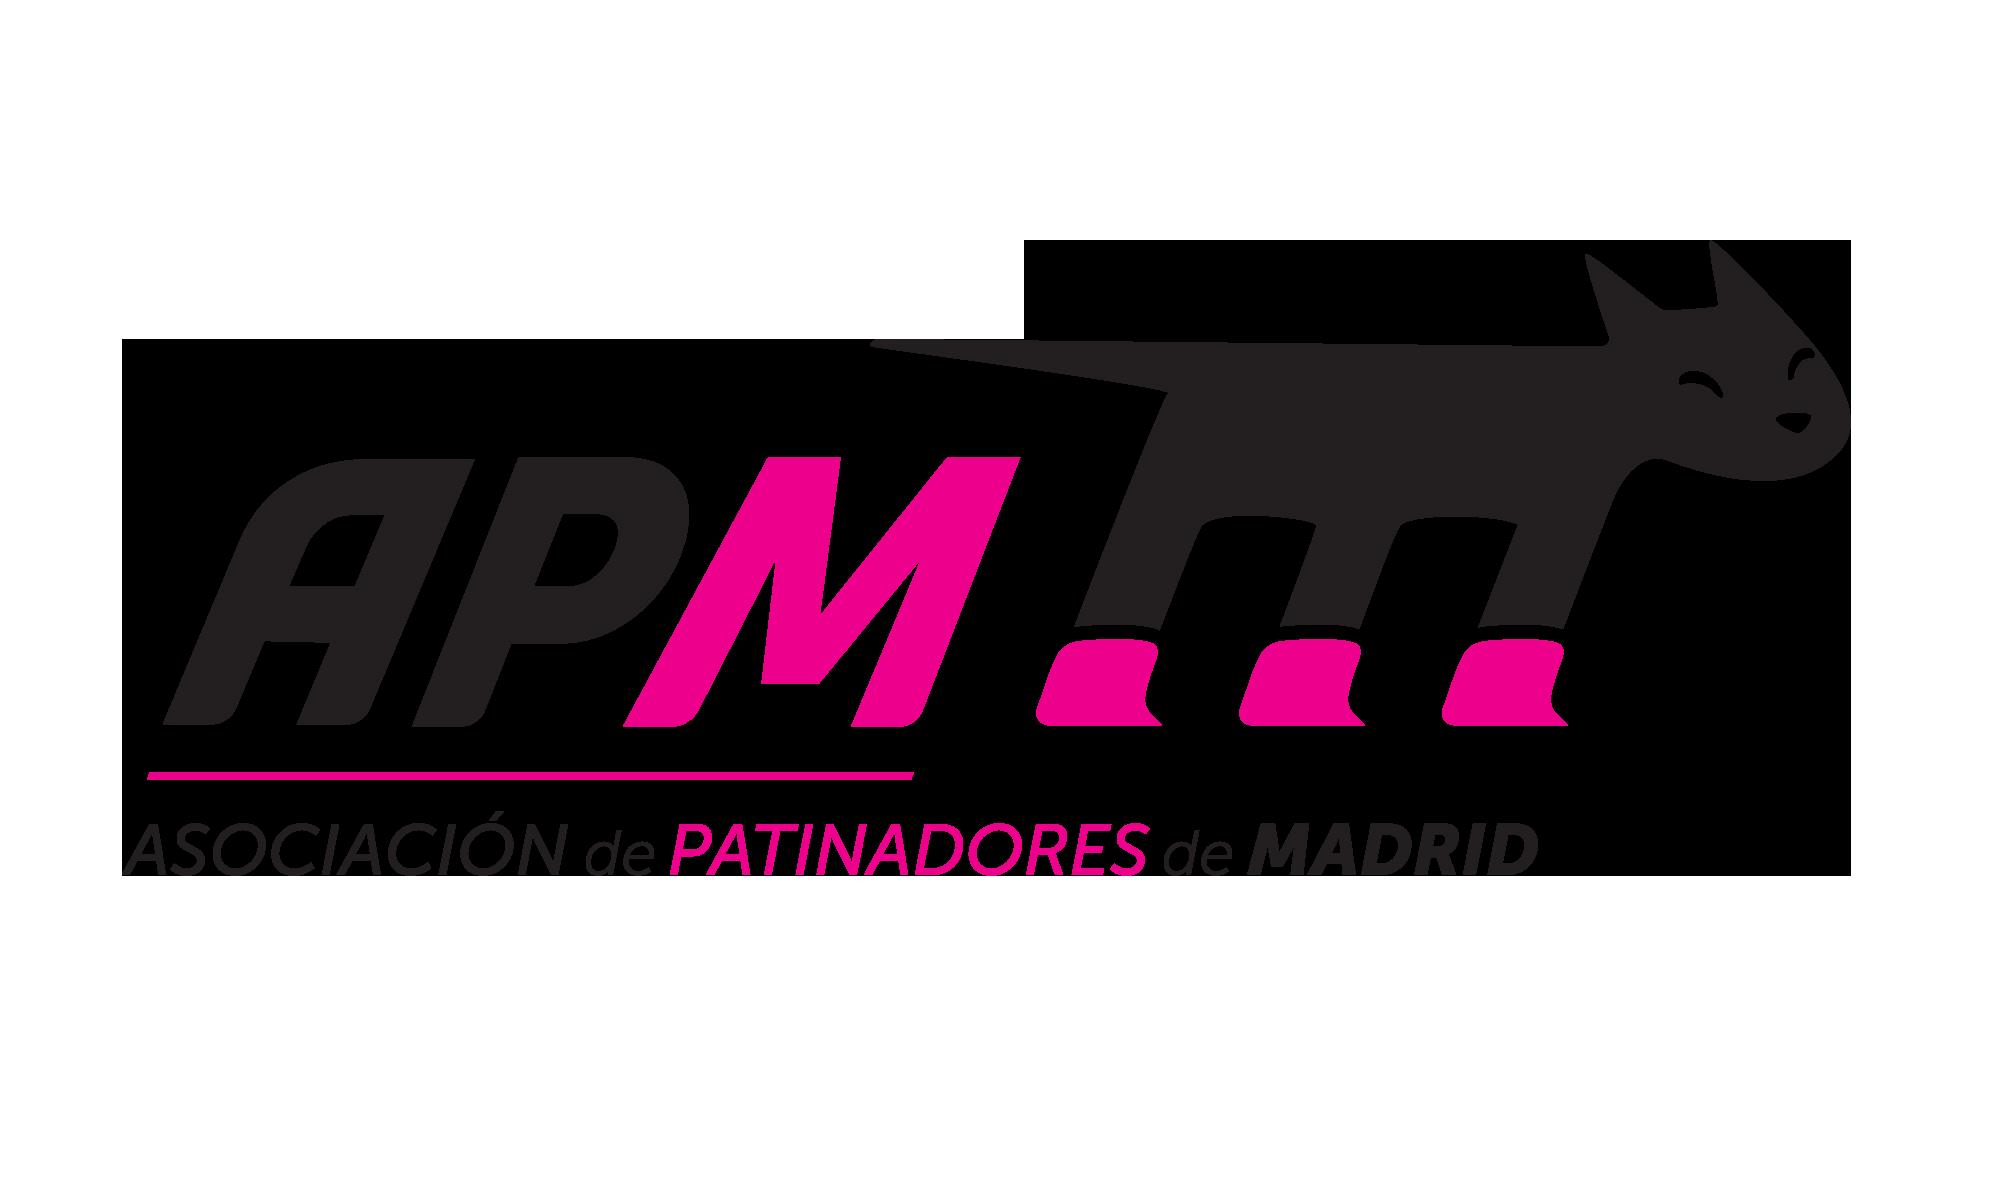 Asociación de Patinadores de Madrid